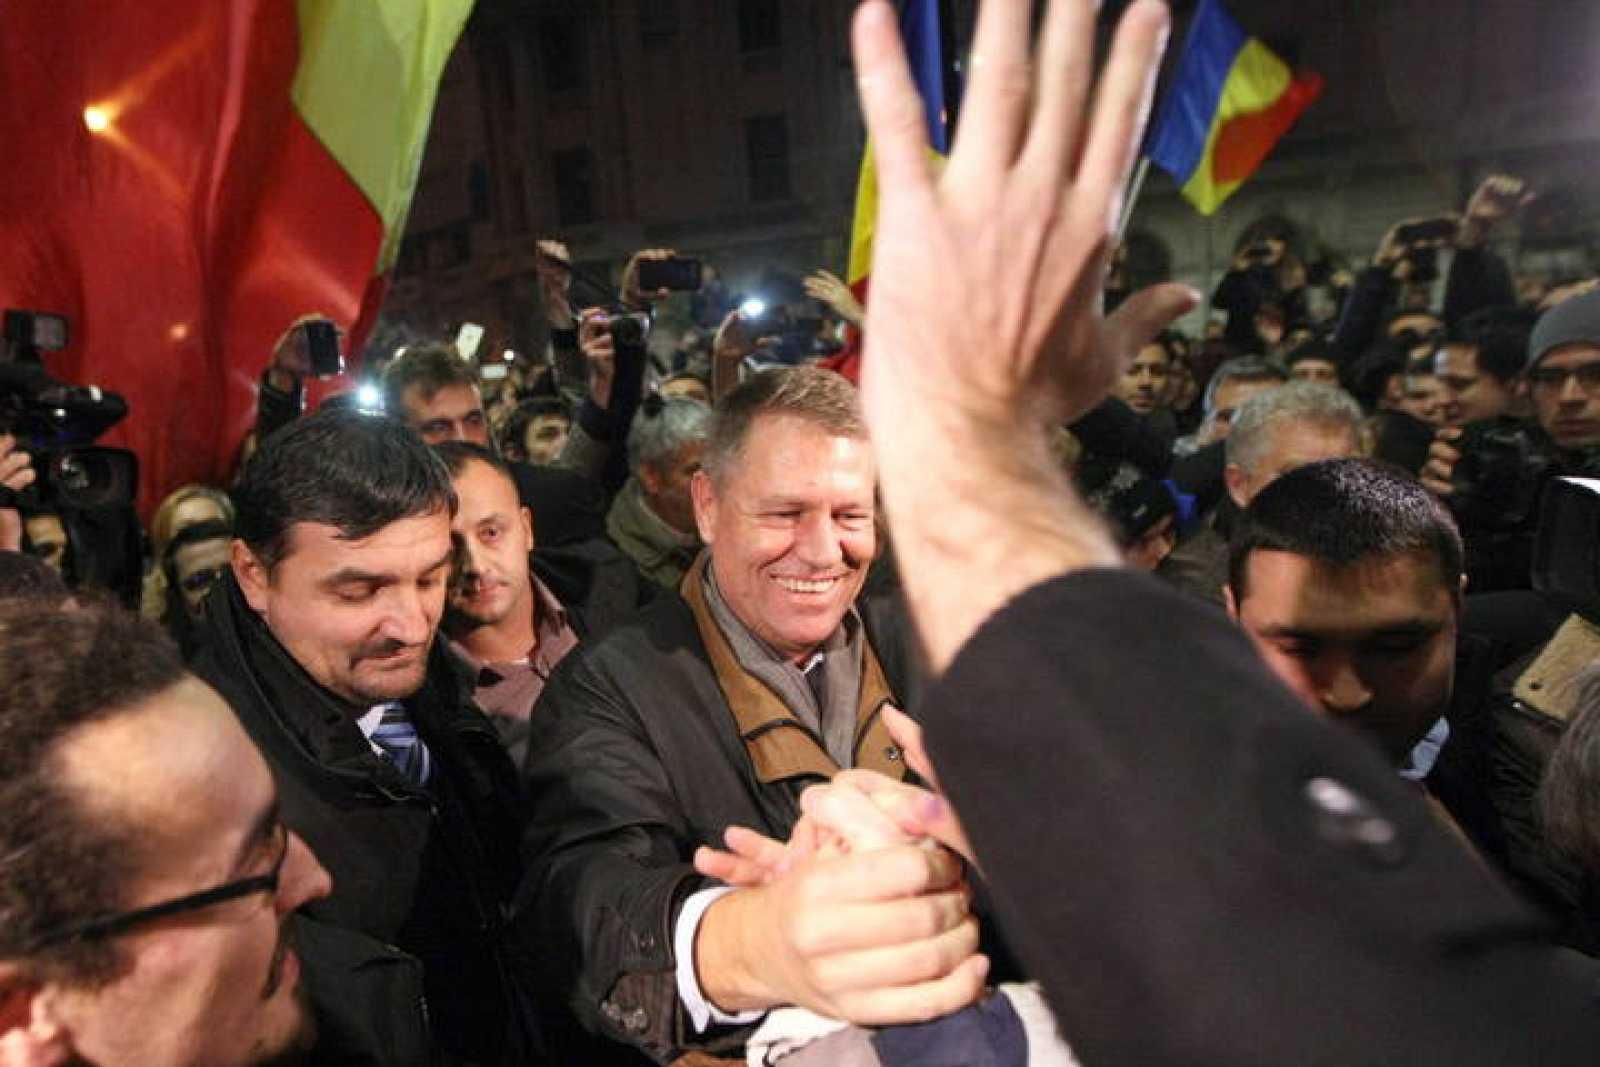 El candidato a la presidencia de Rumanía Klaus Iohannis se autoproclama ganador entre cientos de simpatizantes en Bucarest.